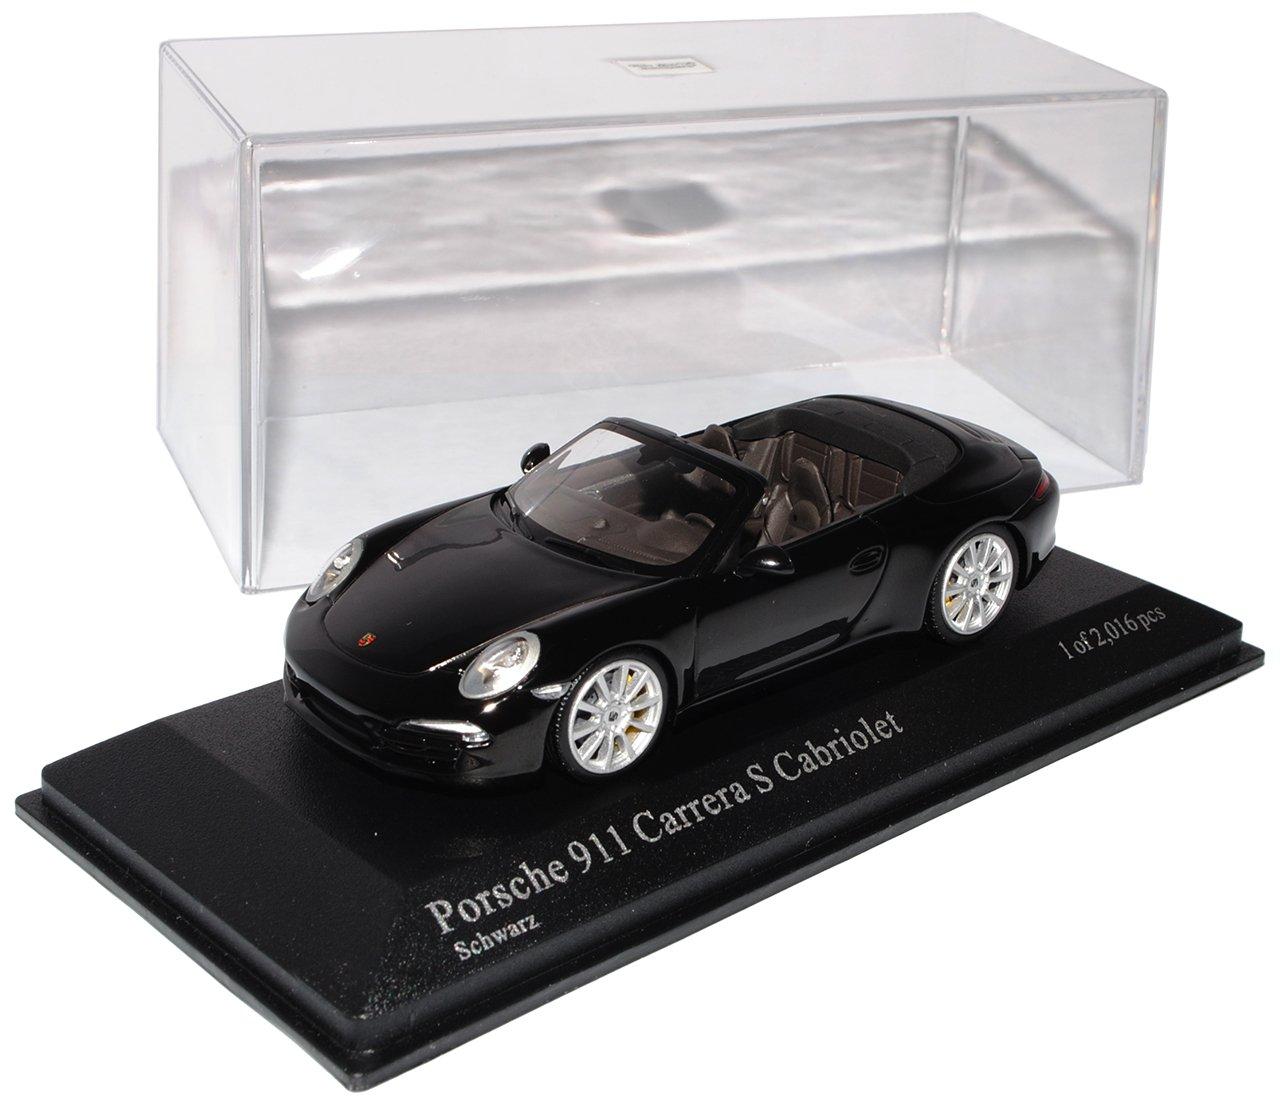 Minichamps Defektes Modell Fehlender Außenspiegel Porsche 911 991 Carrera S Cabriolet Schwarz Ab 2012 1/43 Modell Auto